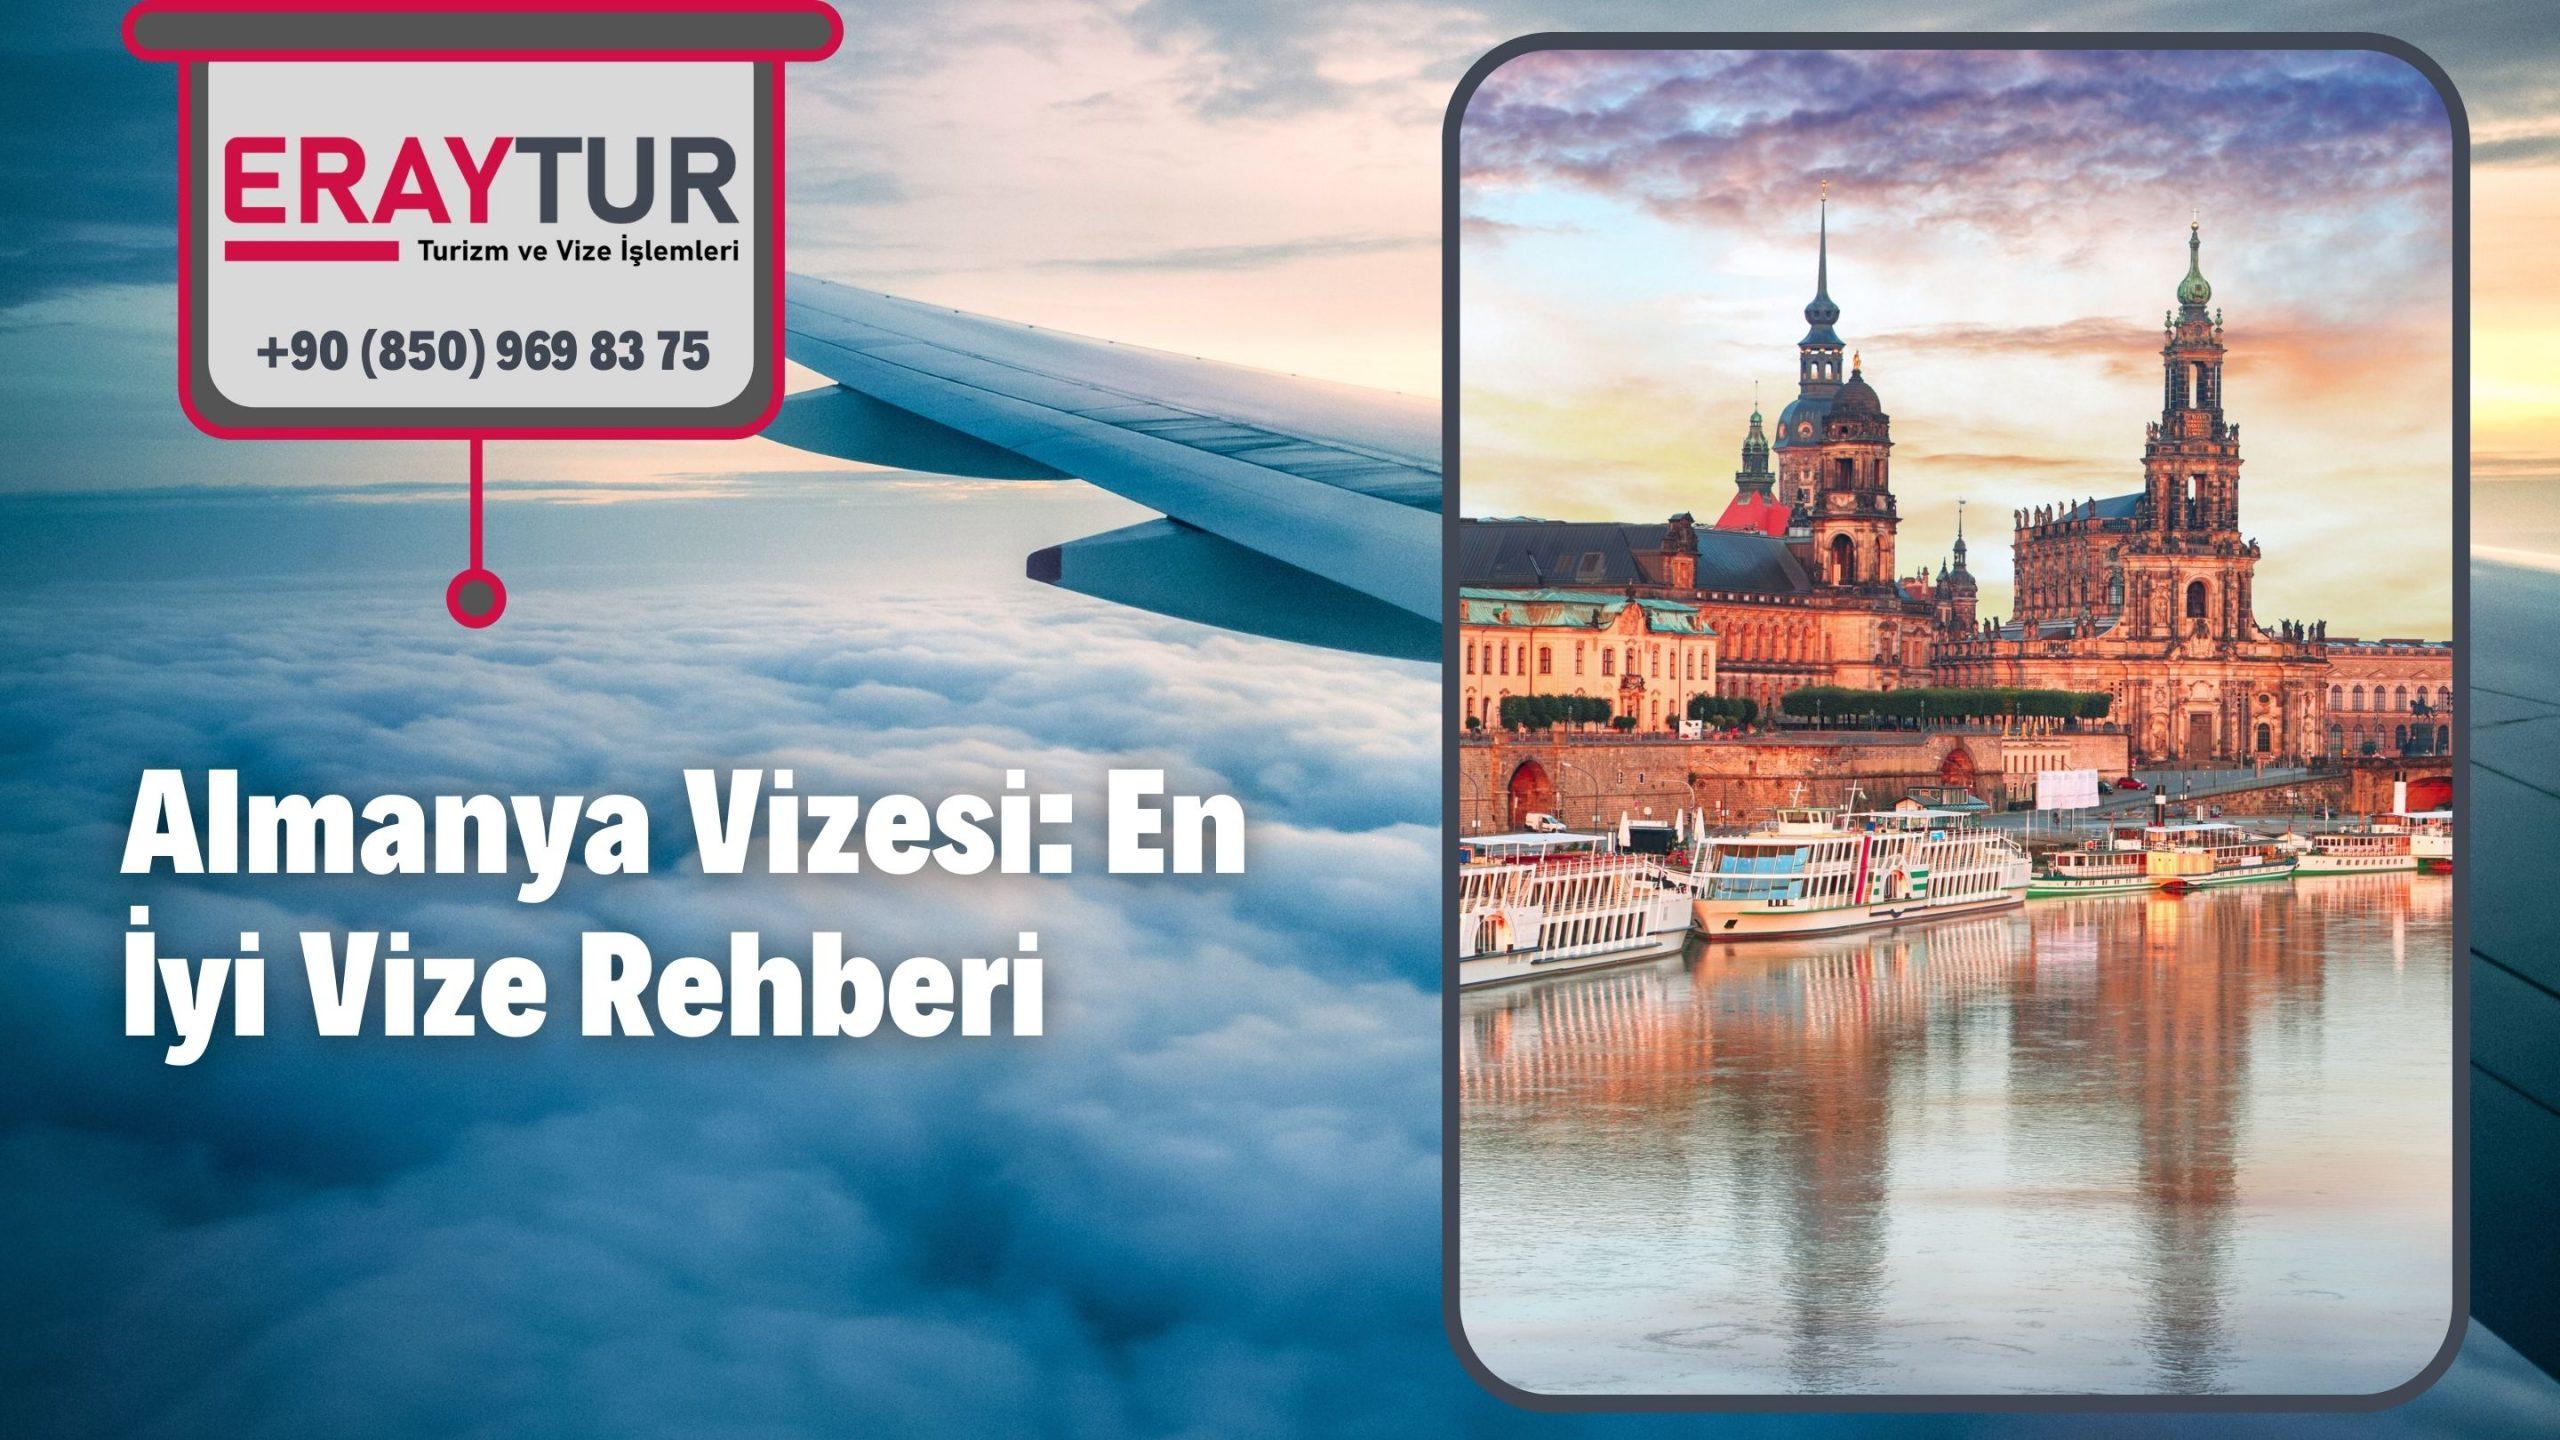 Almanya Vizesi: En İyi Vize Rehberi 2021 1 – almanya vizesi en iyi vize rehberi 2021 1 scaled